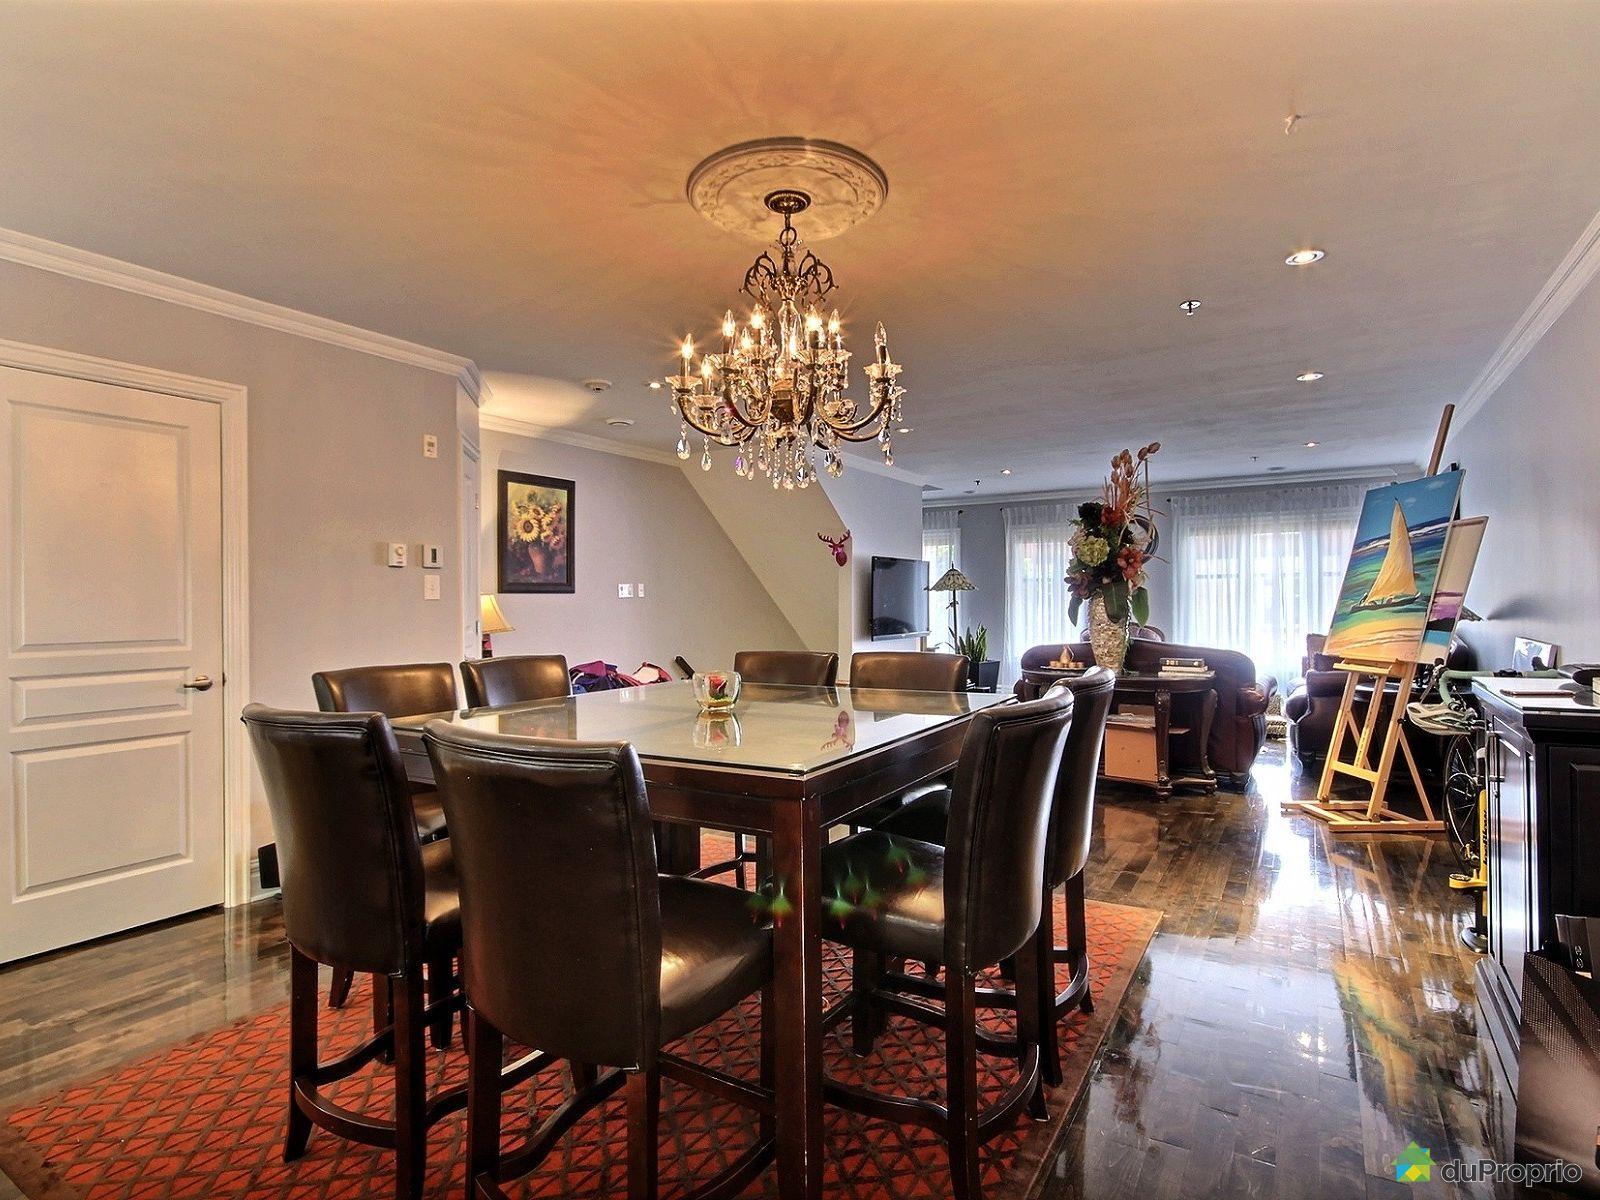 Maison vendre montr al 639 rue saint andr immobilier for Acheter une maison a montreal